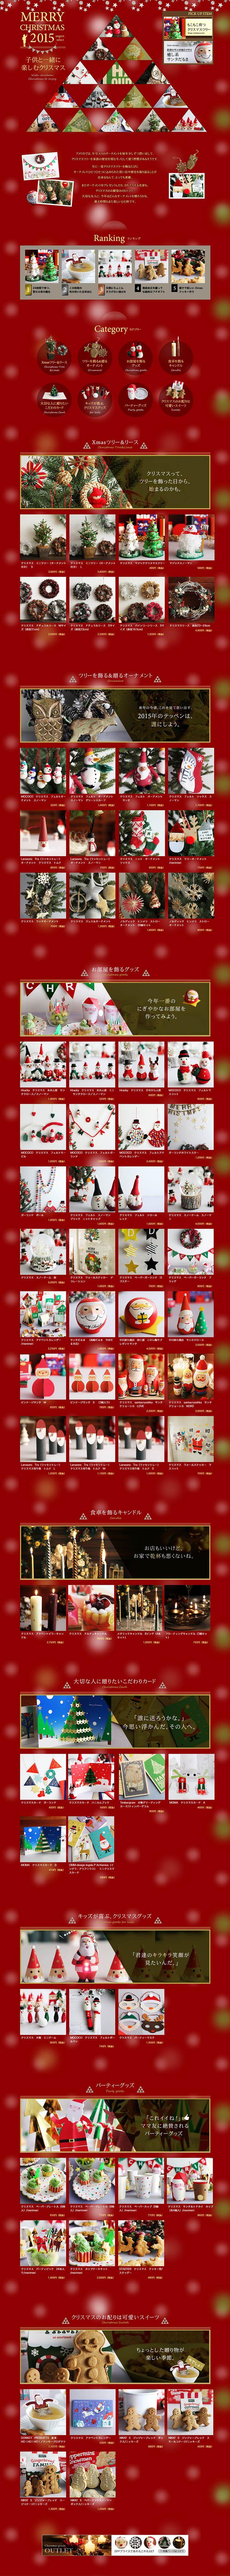 ランディングページ LP 子供と一緒に楽しむクリスマス特集|日用雑貨|楽天